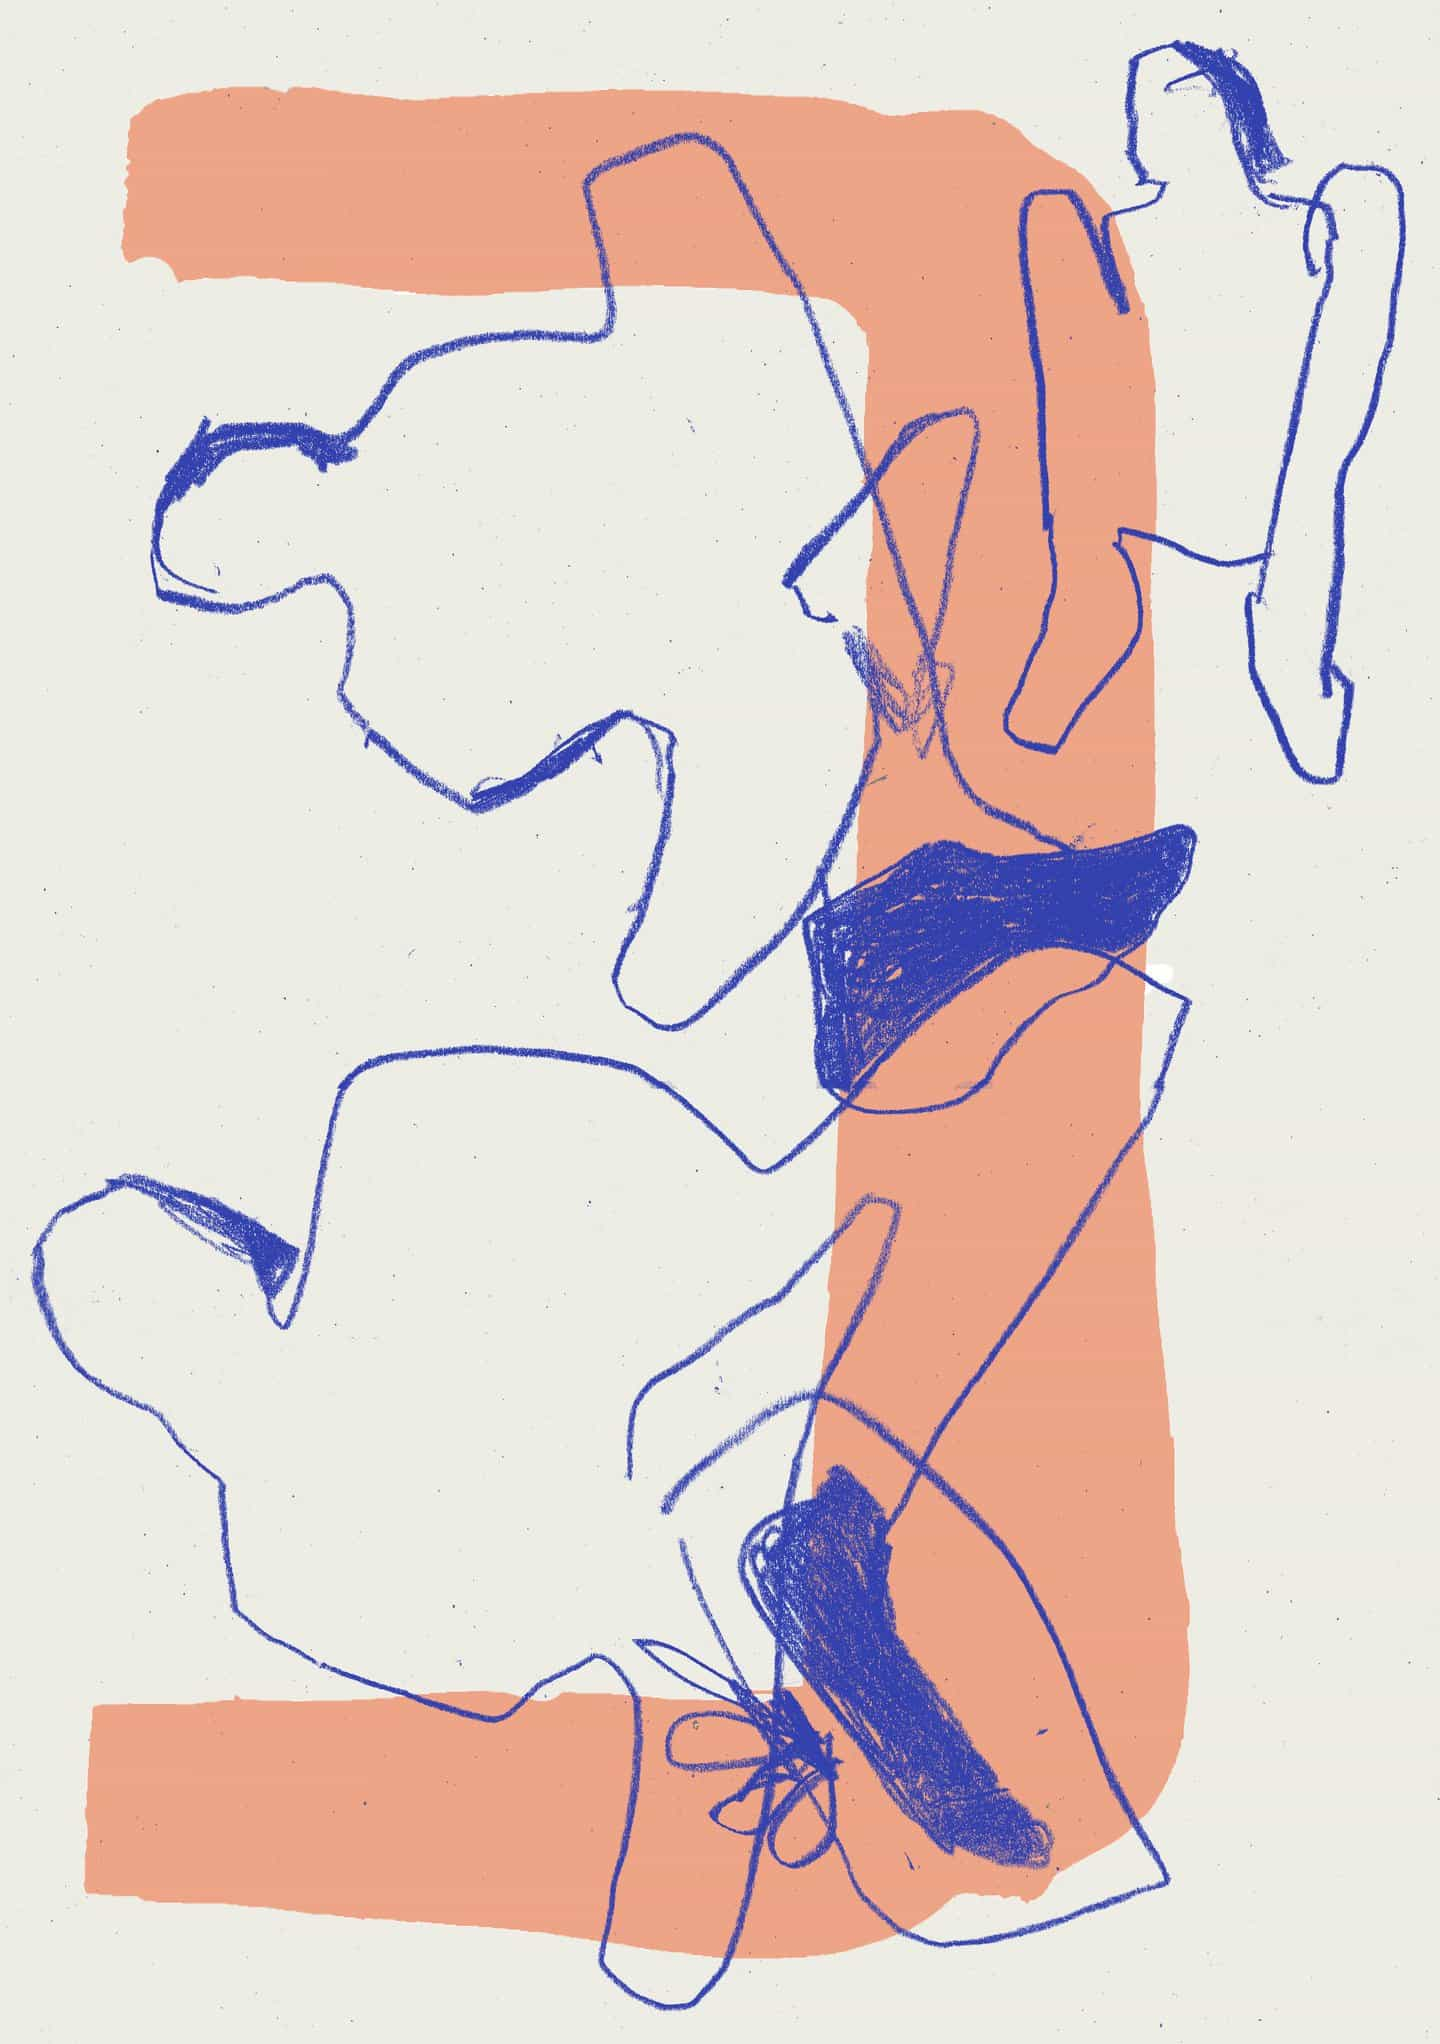 obra abstracta de Luca Shaw se inspira en su propia experiencia